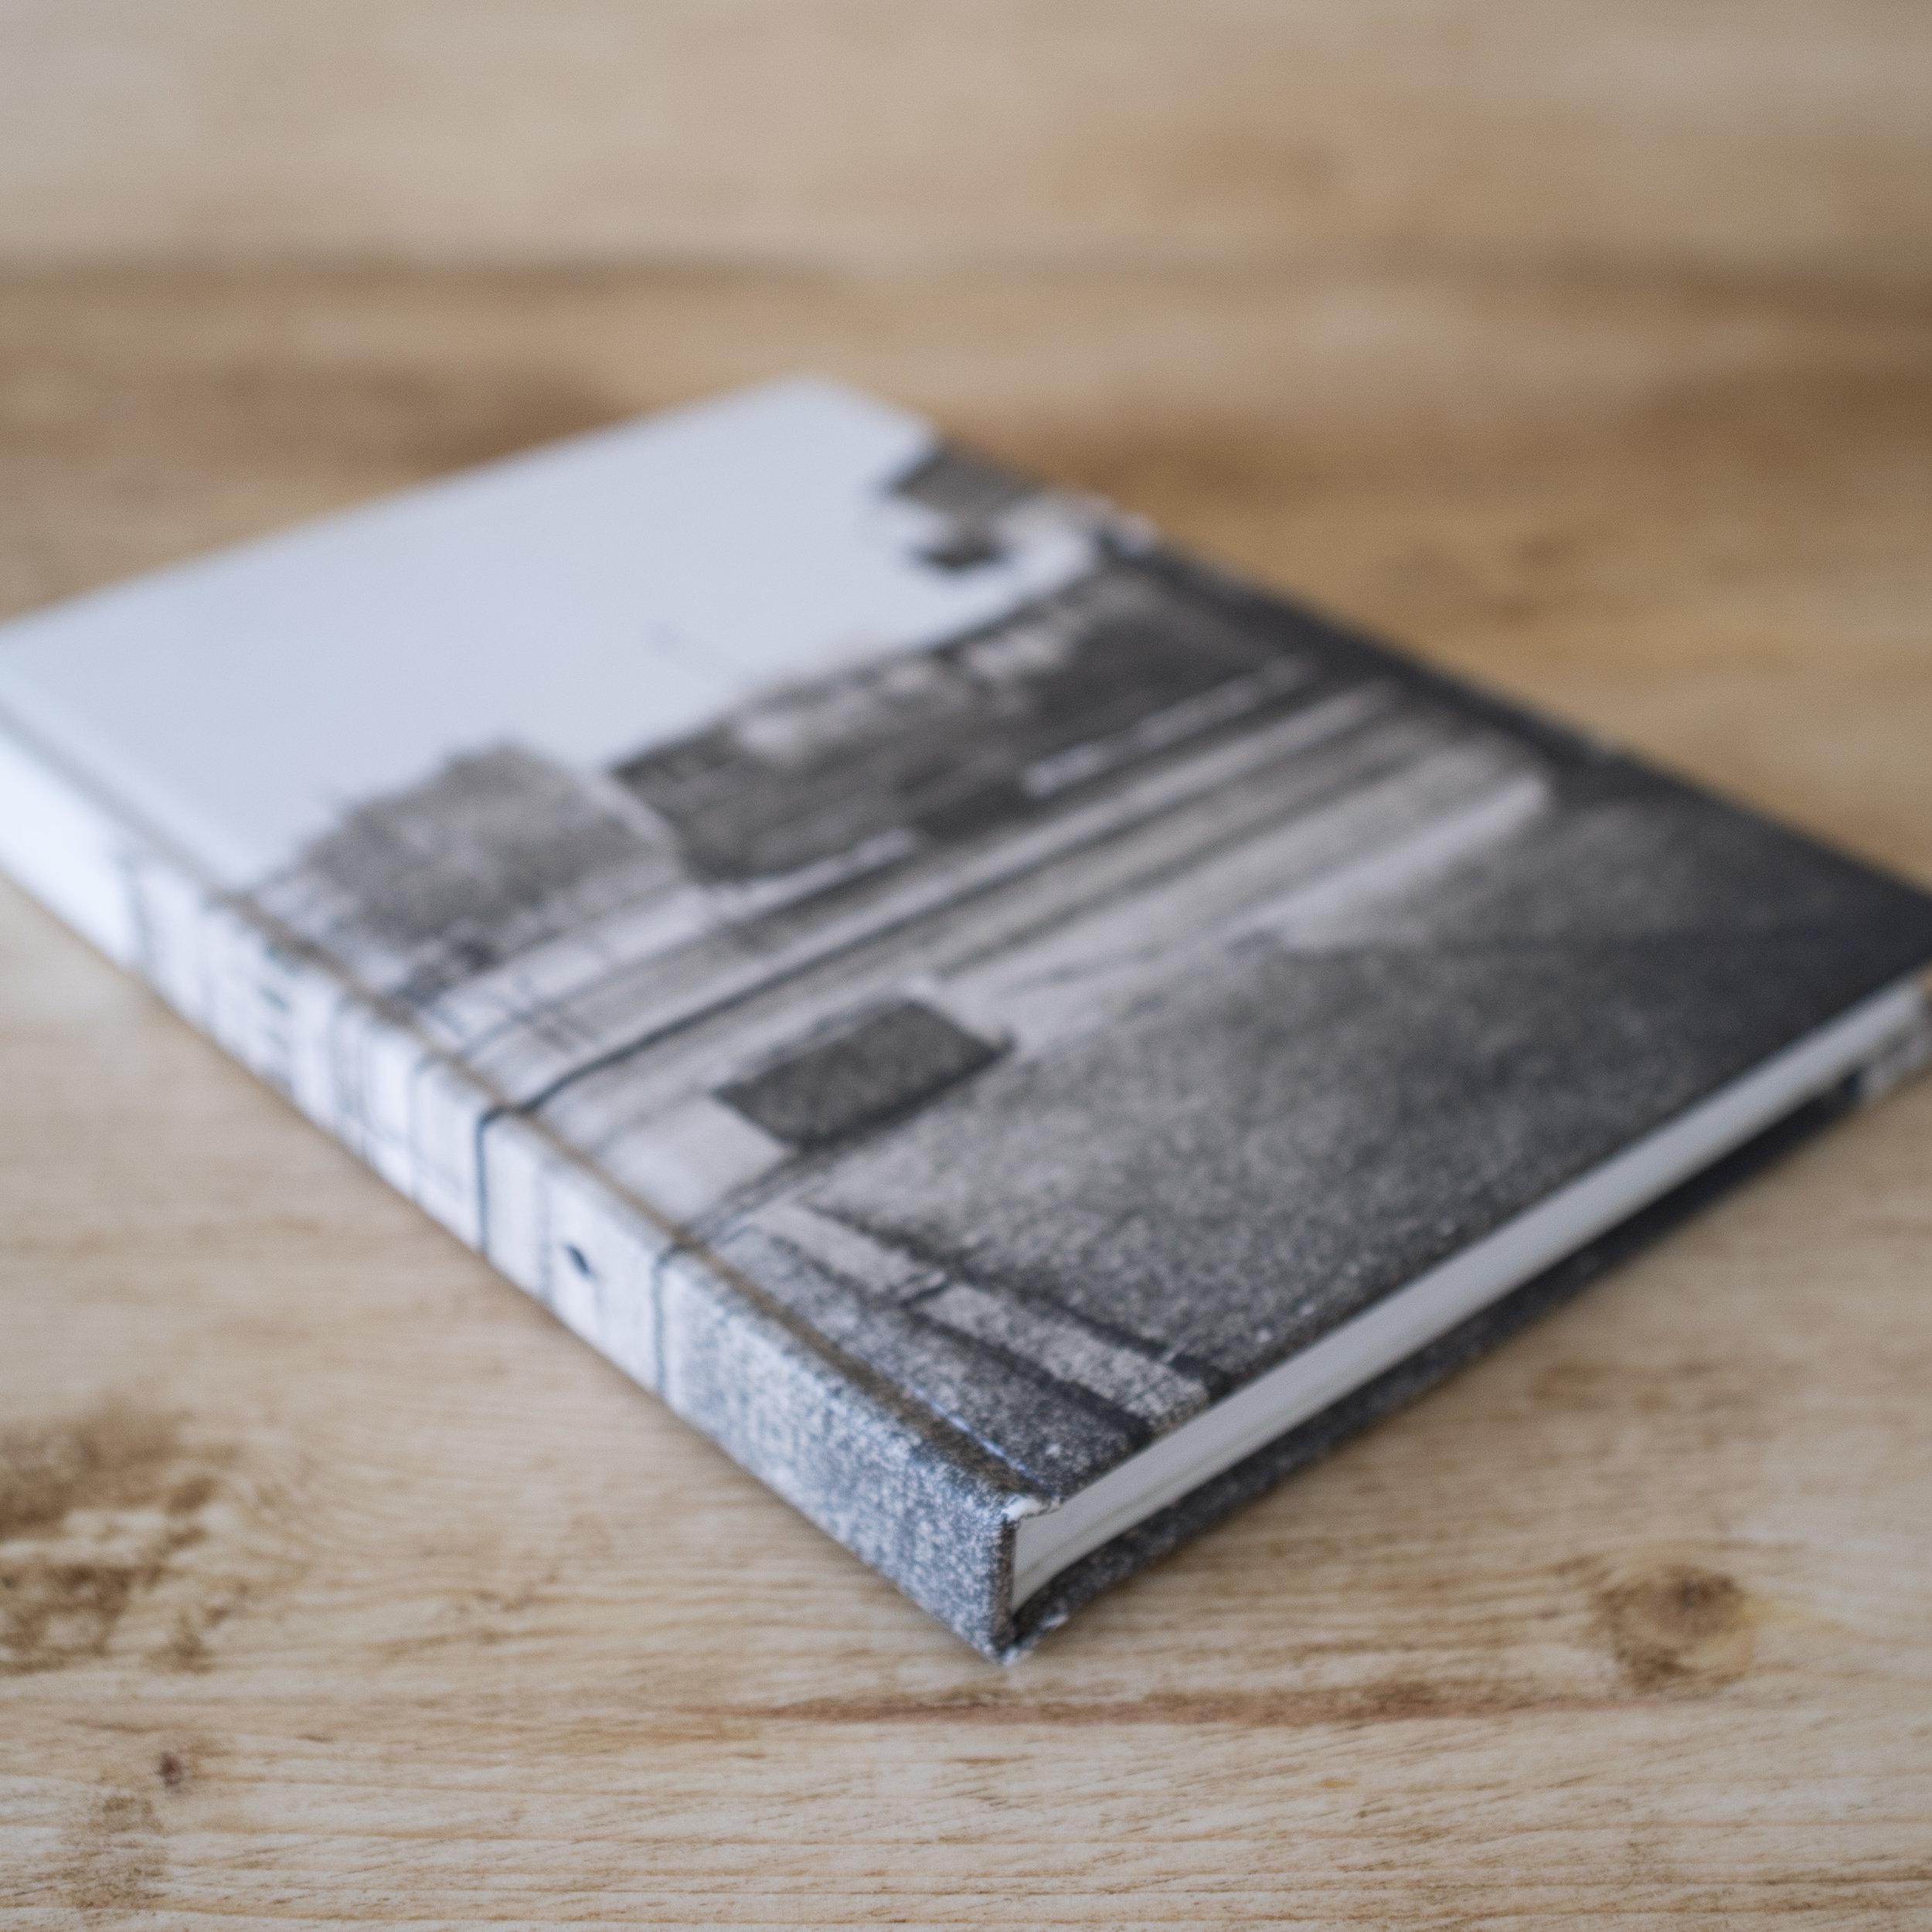 grainy photo on book